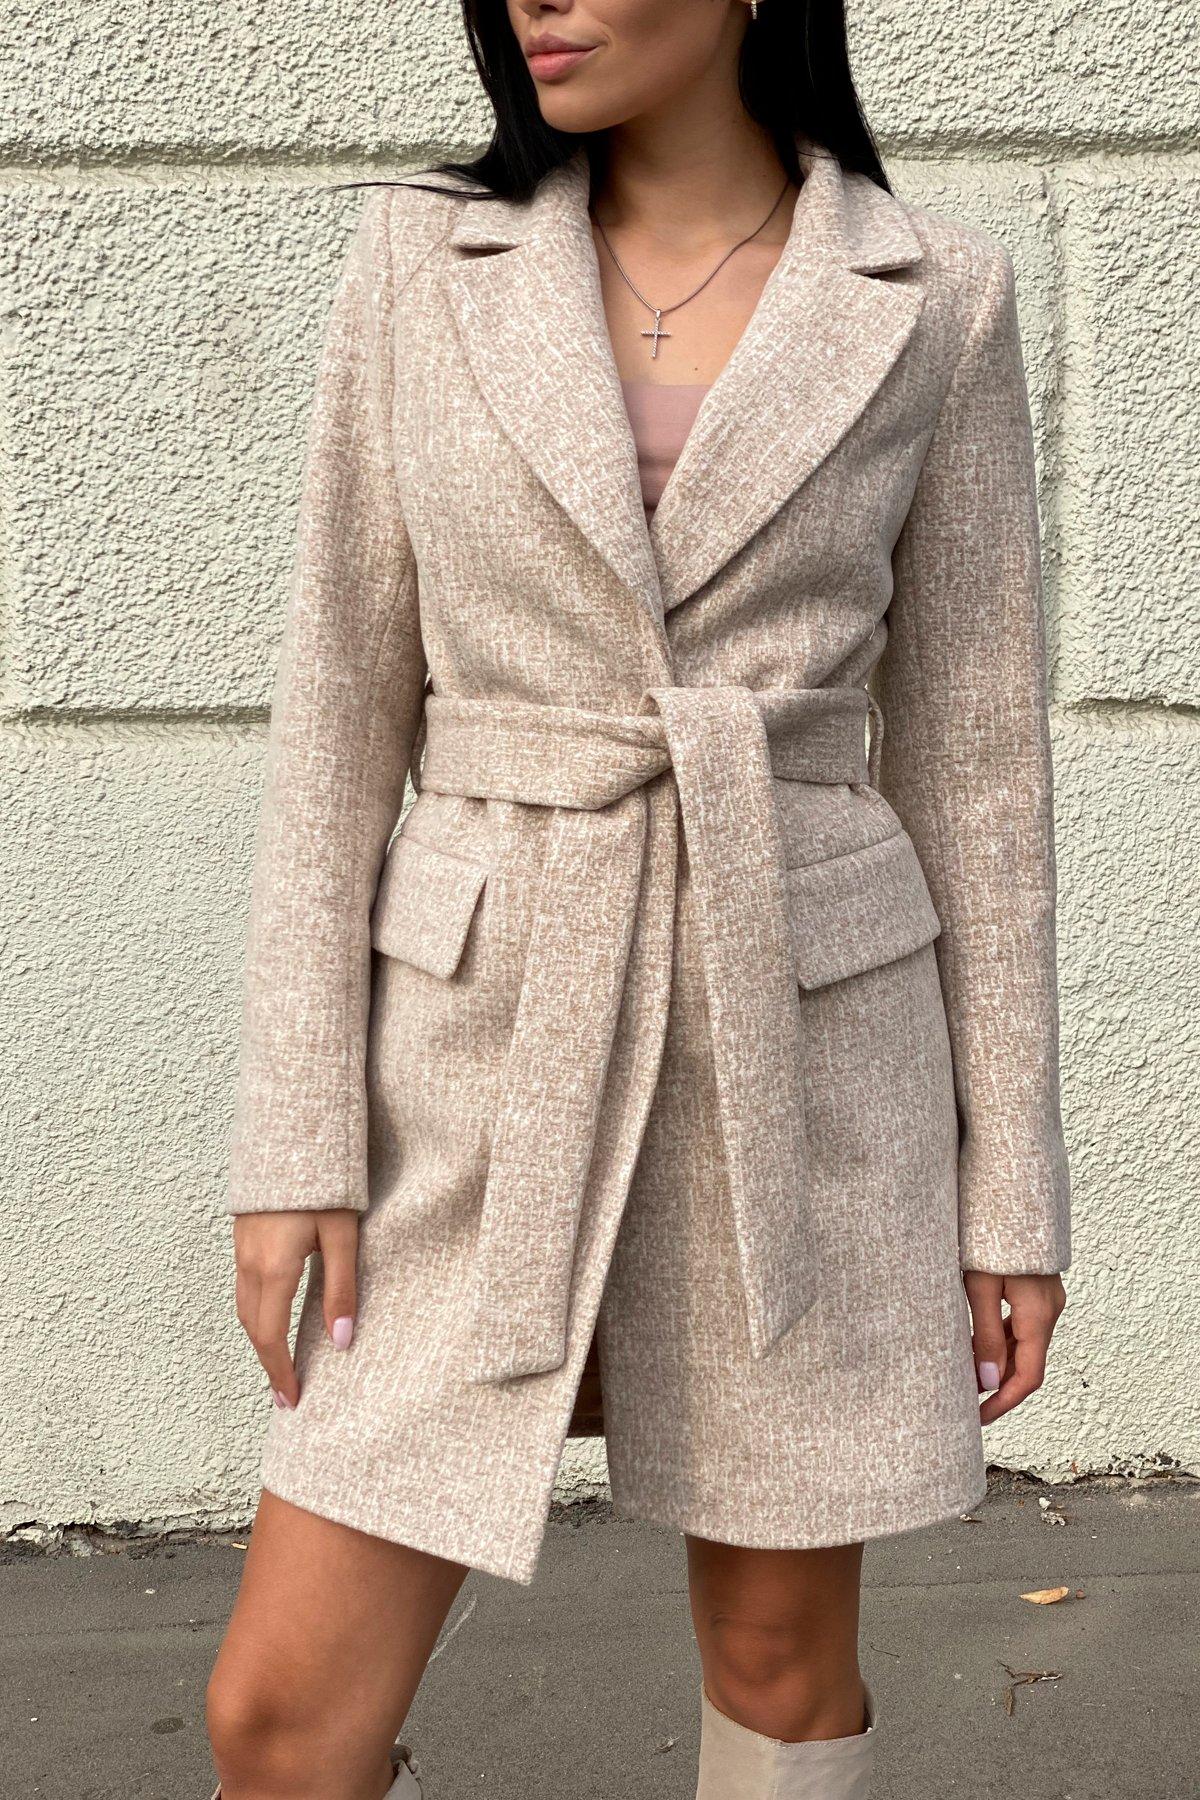 Корси кашемир меланж на трикотаже текстурный пальто 9878 АРТ. 46165 Цвет: Бежевый/молоко - фото 1, интернет магазин tm-modus.ru